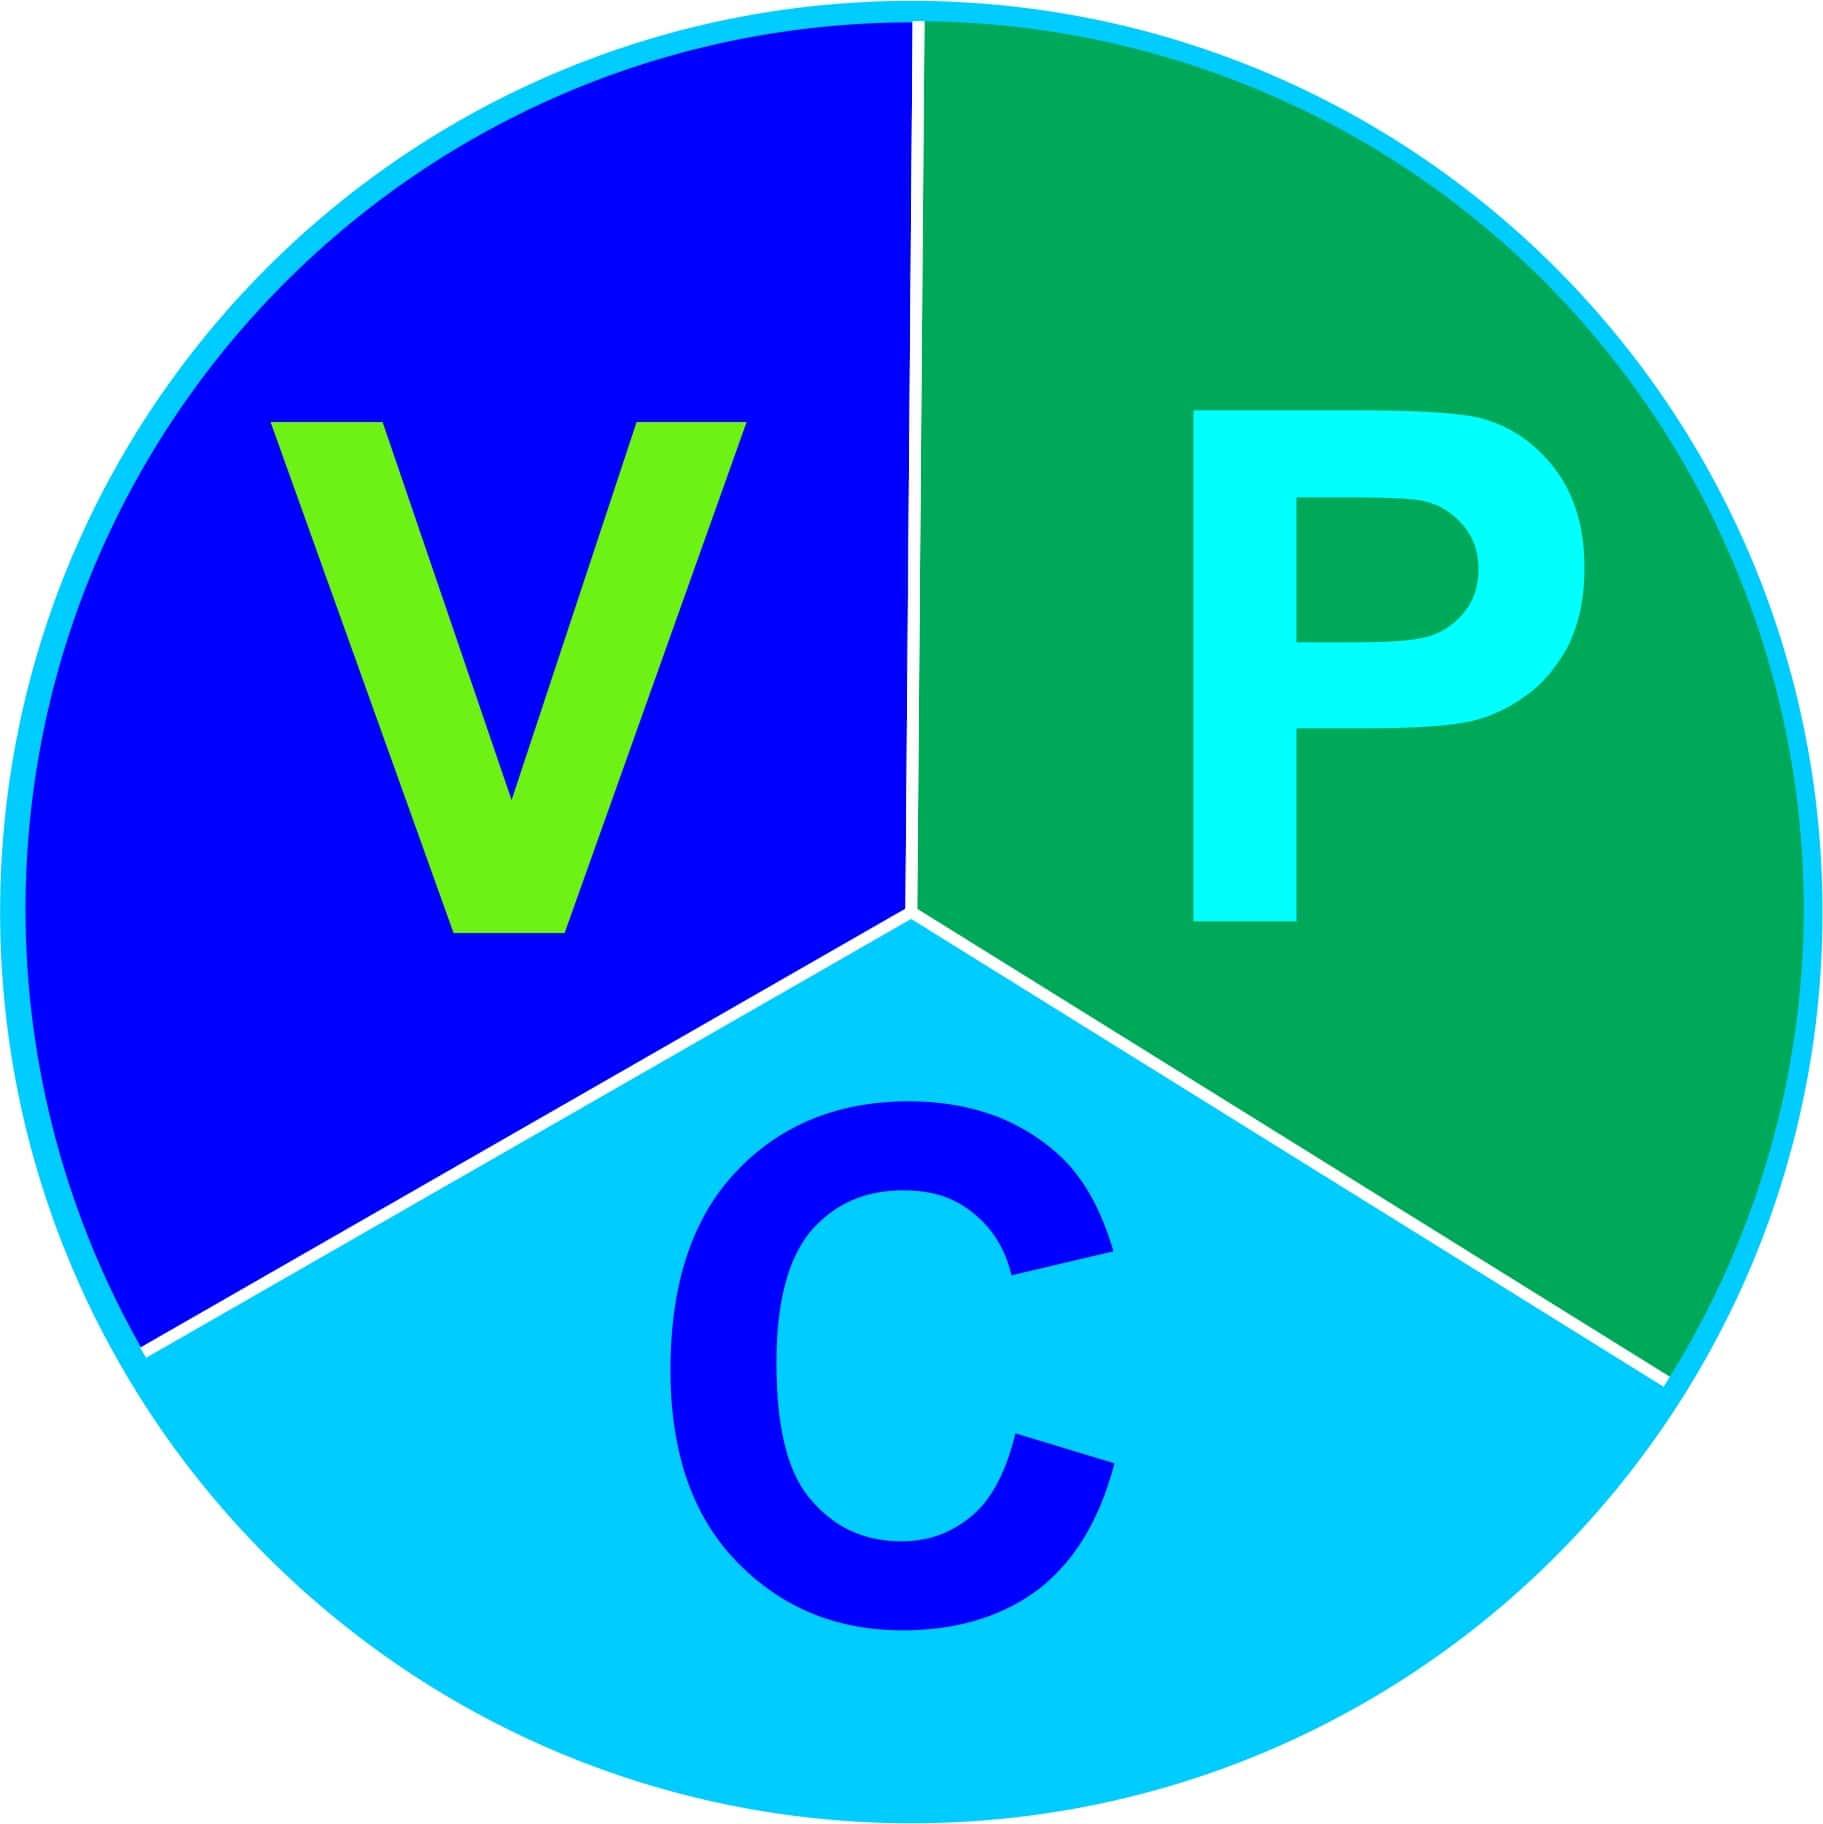 Diệt mối và côn trùng VPC